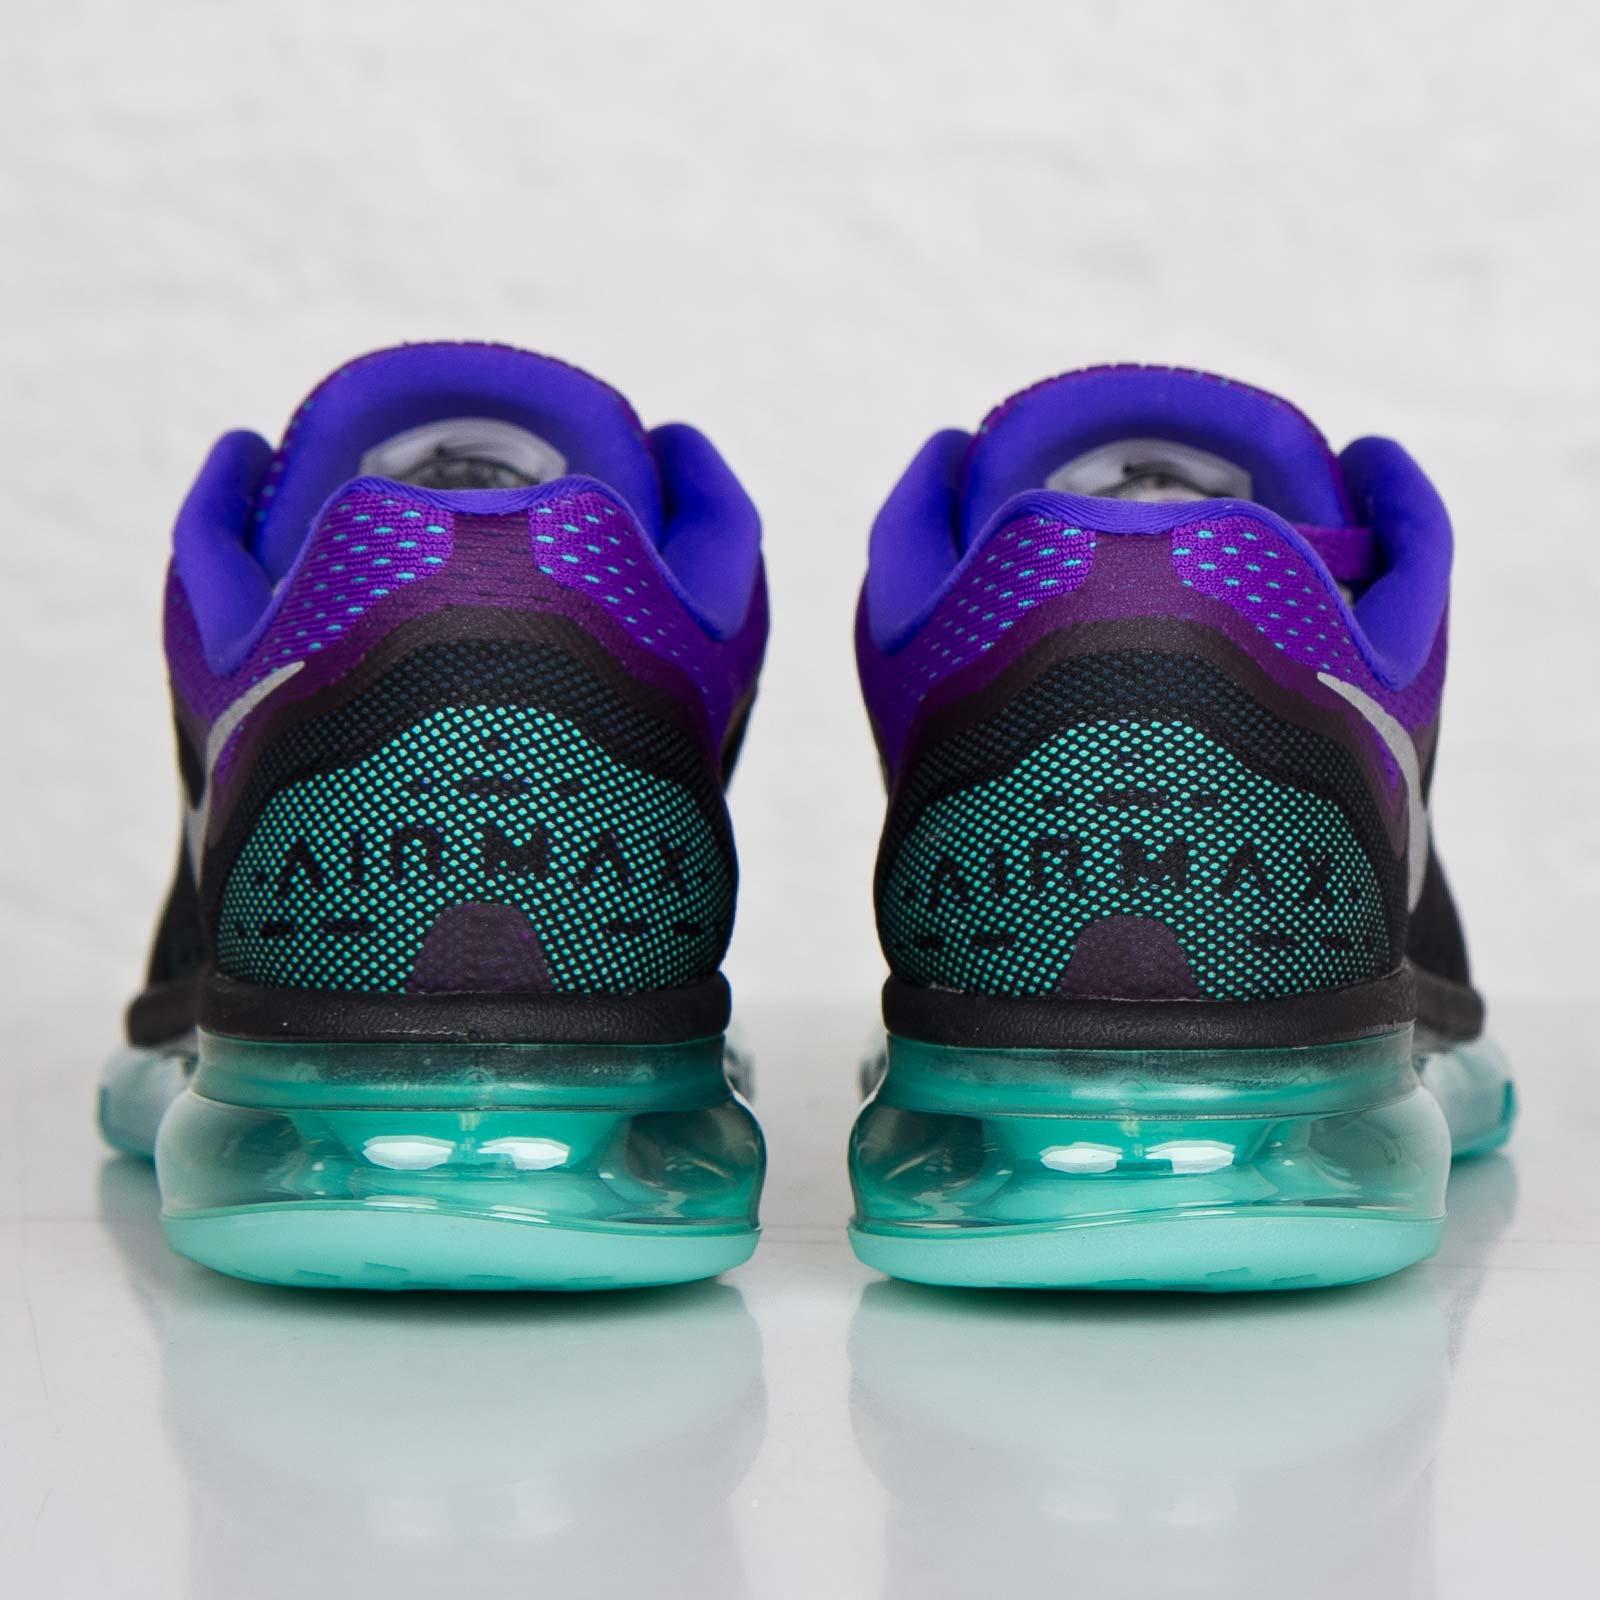 pretty nice 54768 e8f34 Nike Air Max 2014 - 621077-500 - Sneakersnstuff   sneakers   streetwear  online since 1999